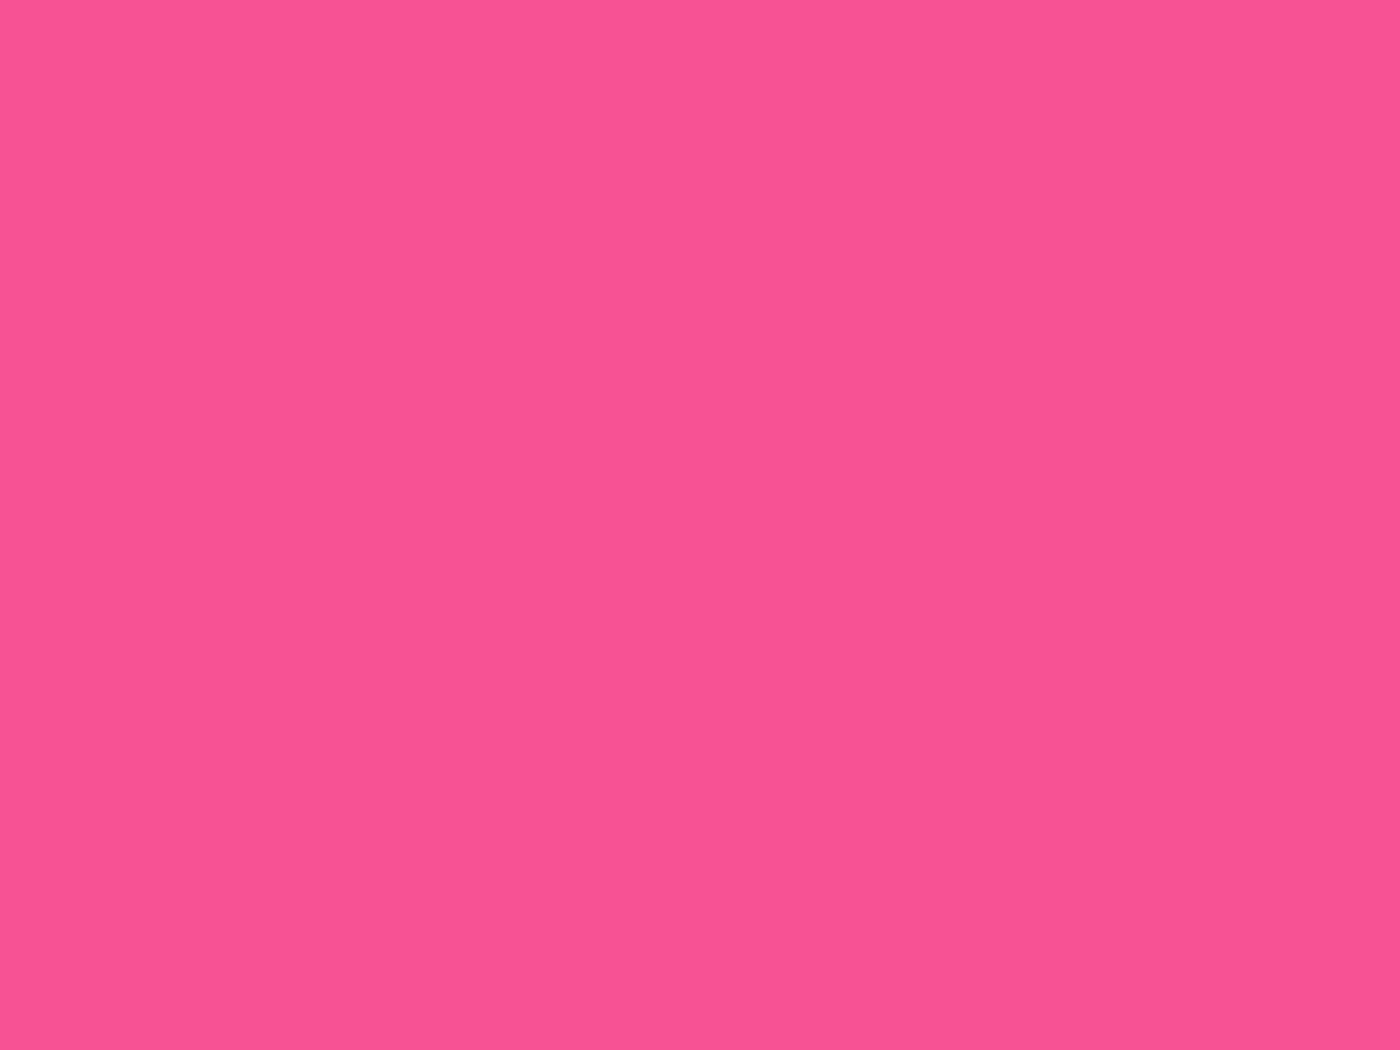 1400x1050 Violet-red Solid Color Background